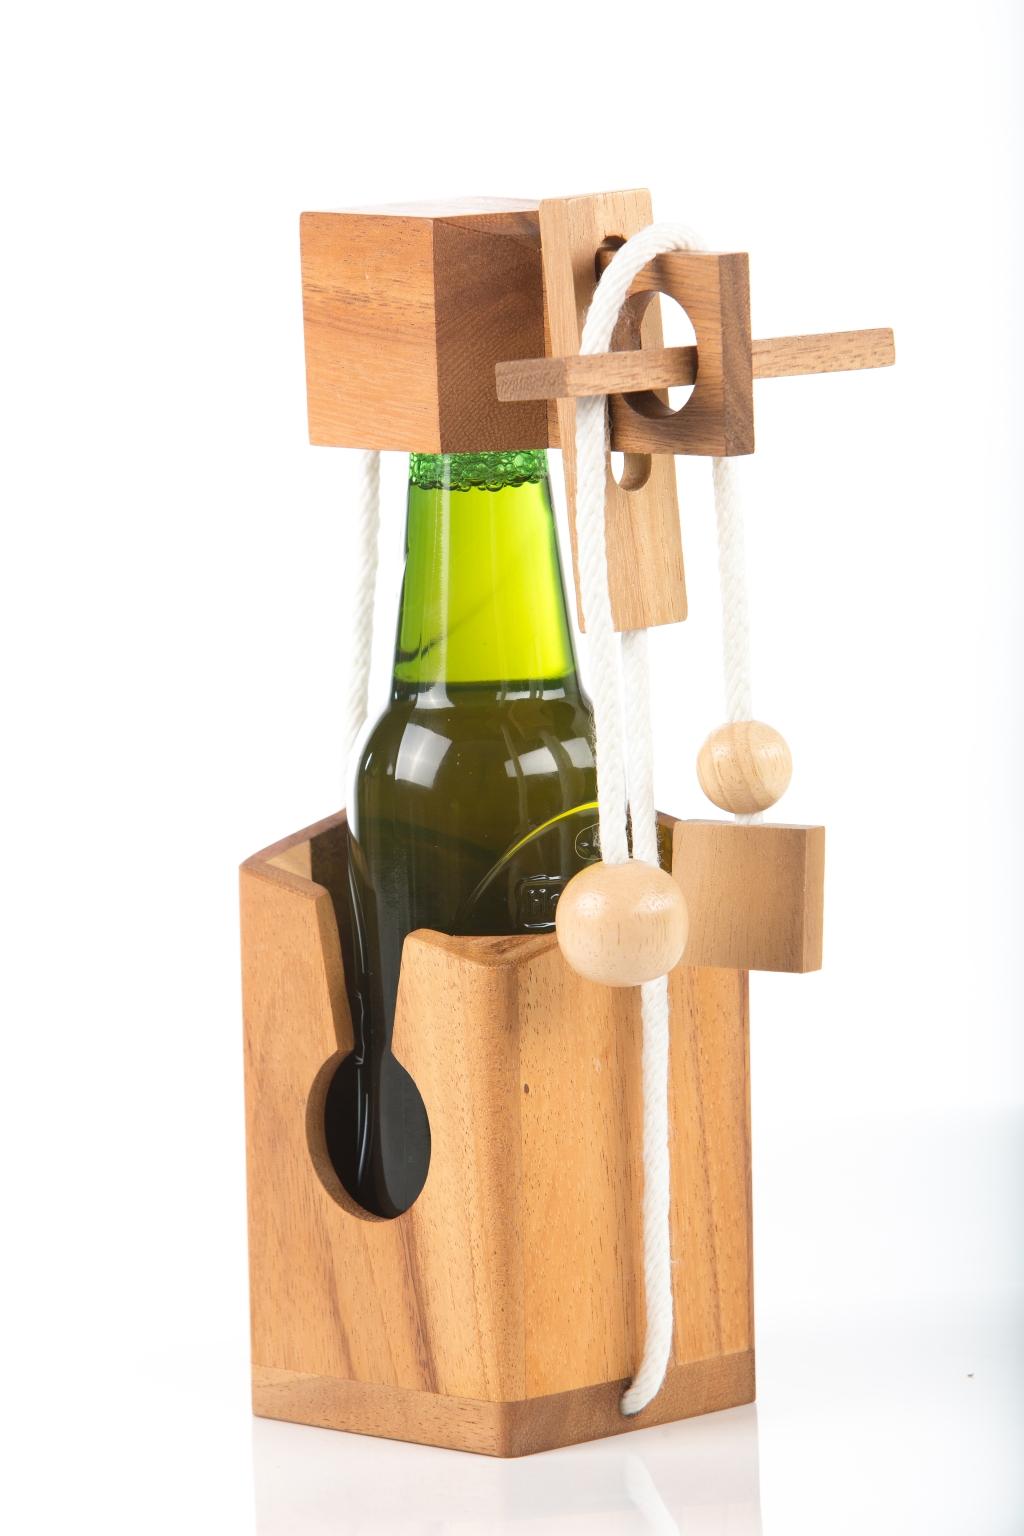 Get Drink - Don't Break It (Lock Beer Bottle)